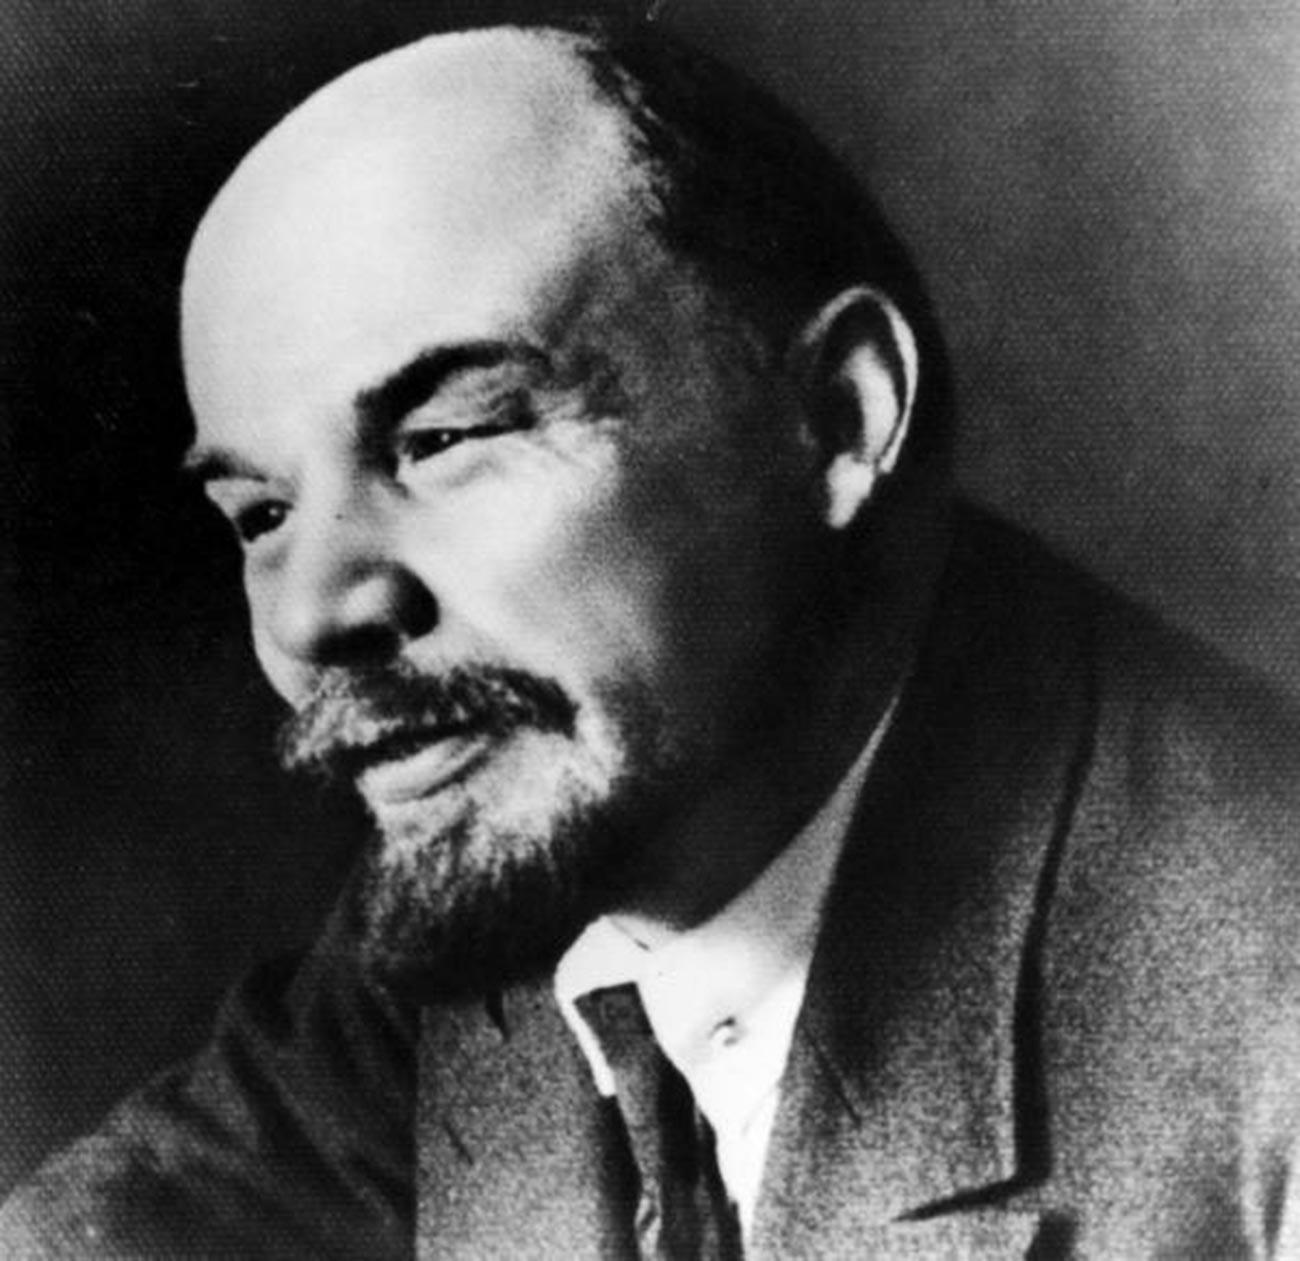 Vladimir Lenin sebagai ketua Dewan Komisar Rakyat yang pertama